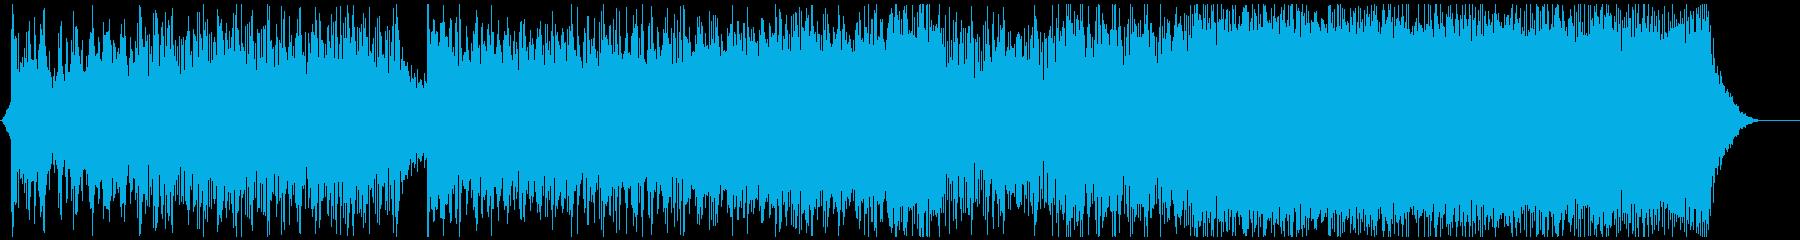 勇ましい和風オーケストラ2の再生済みの波形